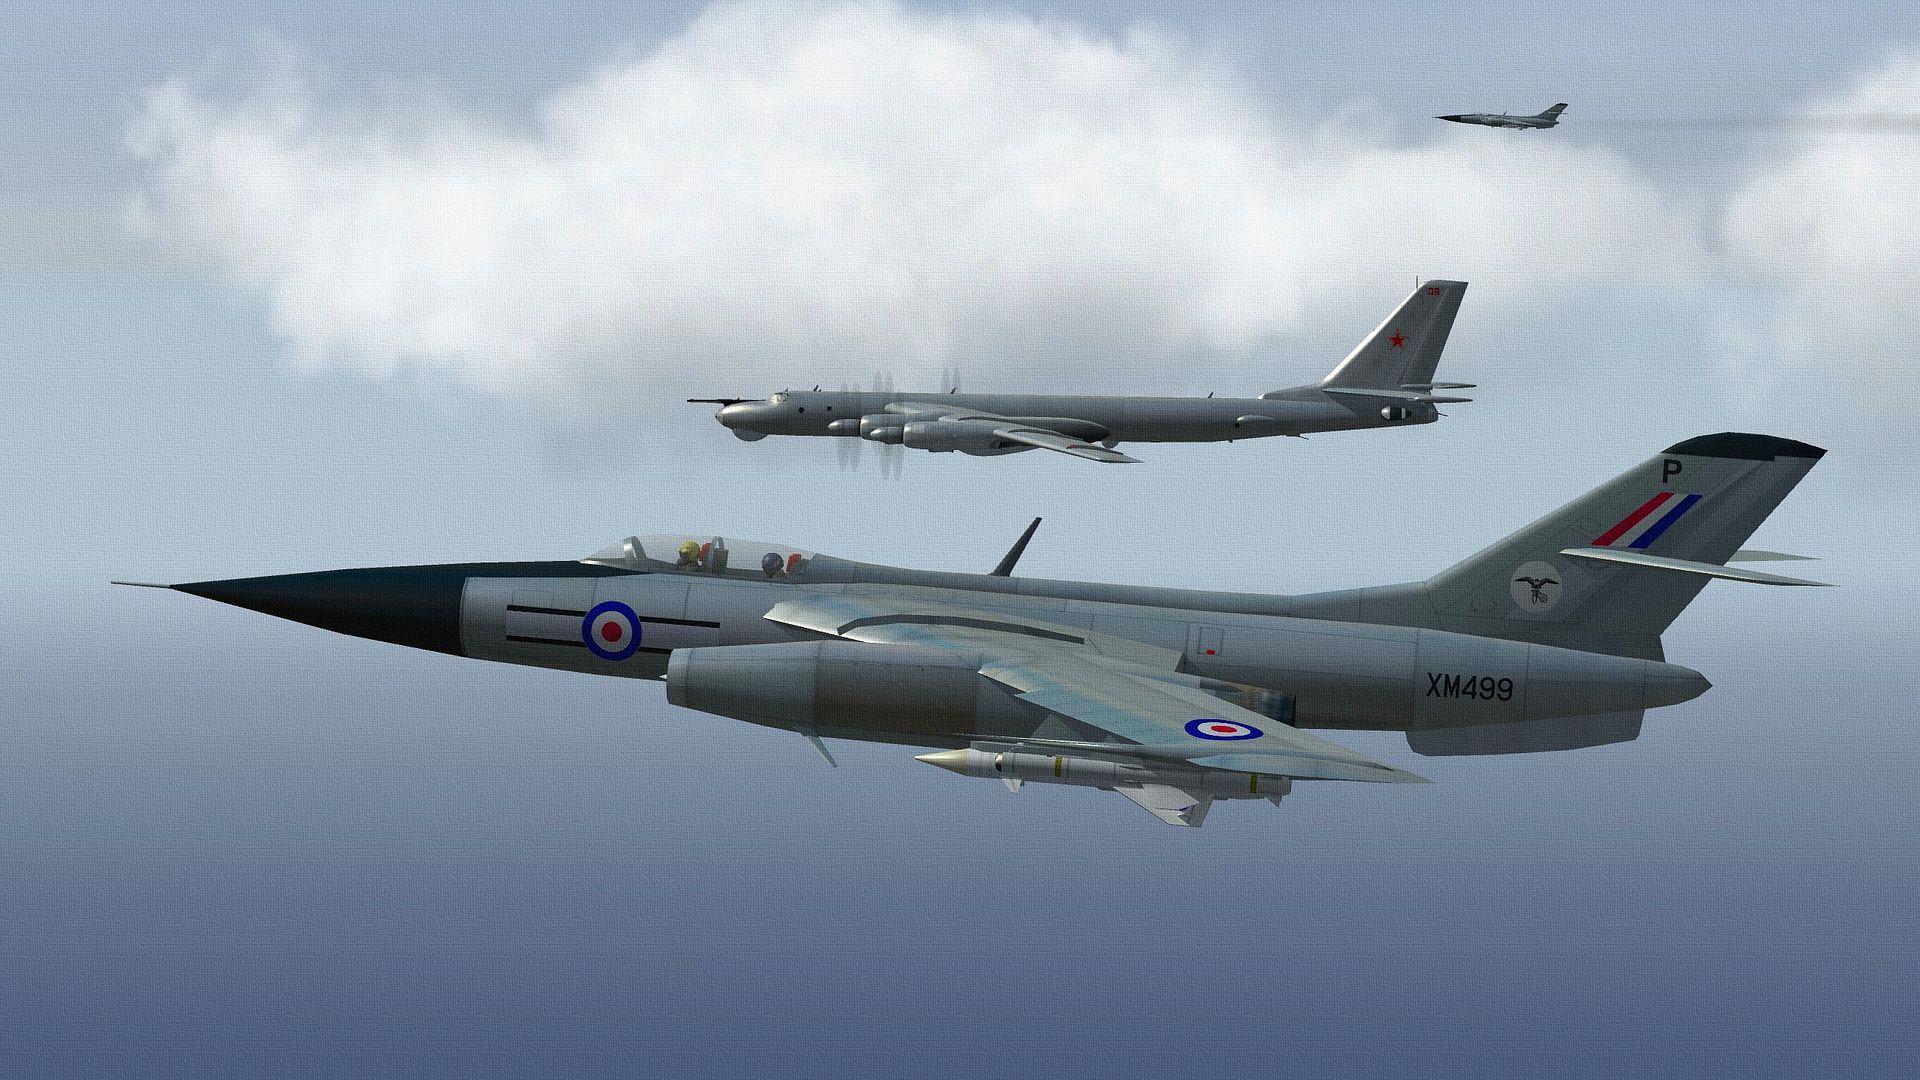 RAF%20FIREBAR%20FAW2.07_zpsbpoglc13.jpg